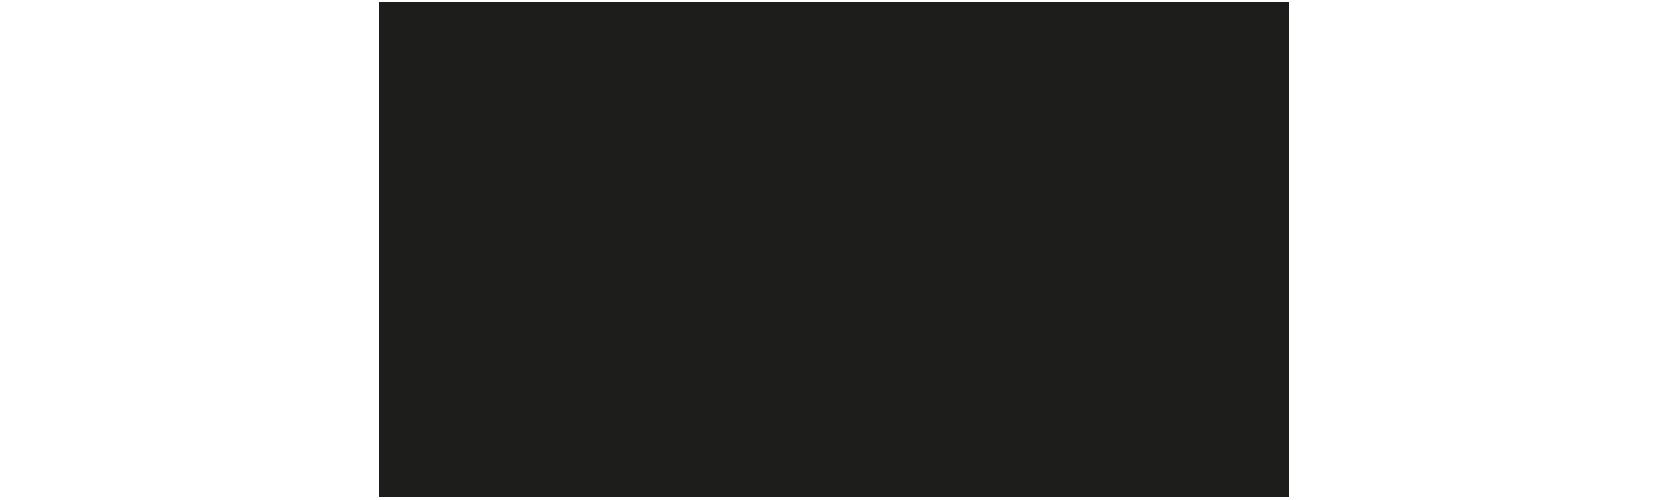 Shure SM7B Micrófono de estudio Imagen de la curva de la respuesta en frecuencia